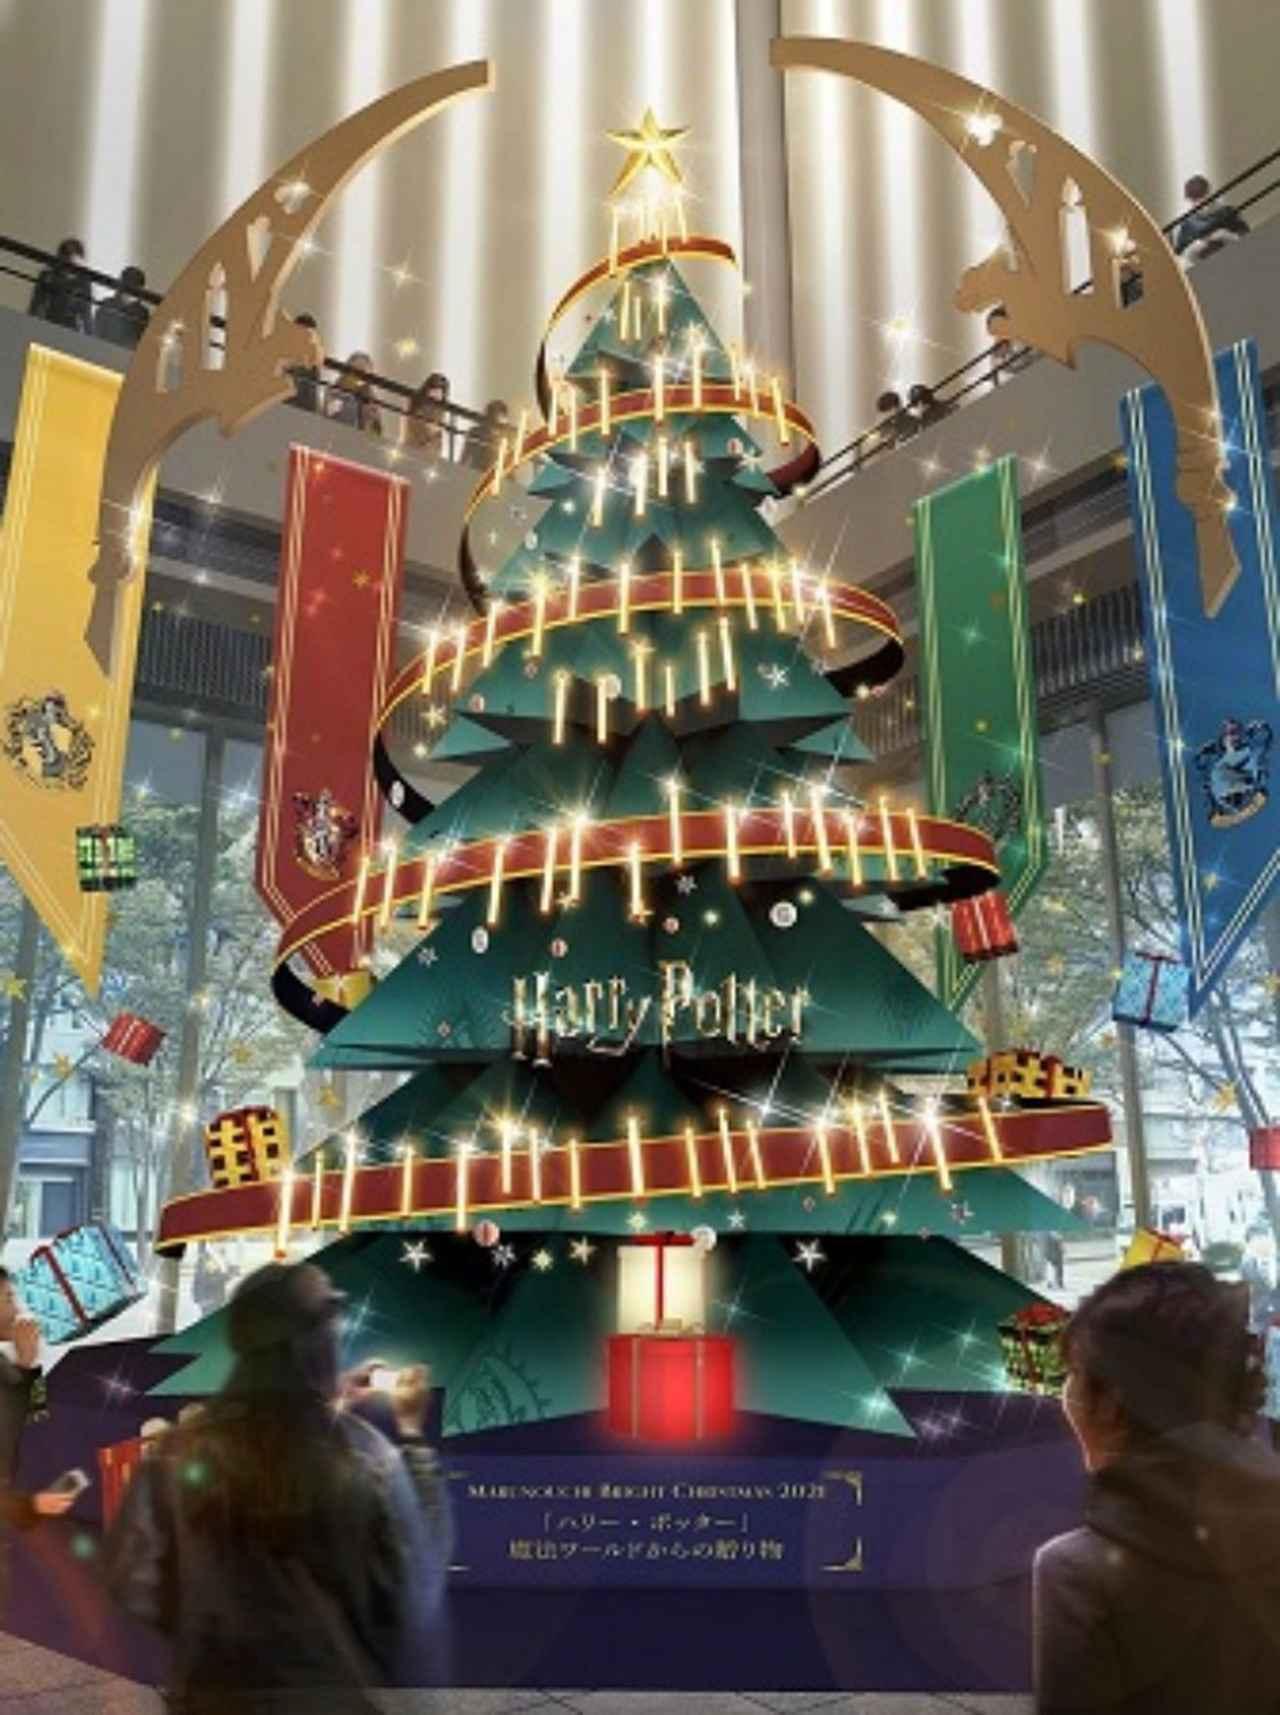 画像2: 『ハリー・ポッター』が丸ビルとコラボしてクリスマスイベント